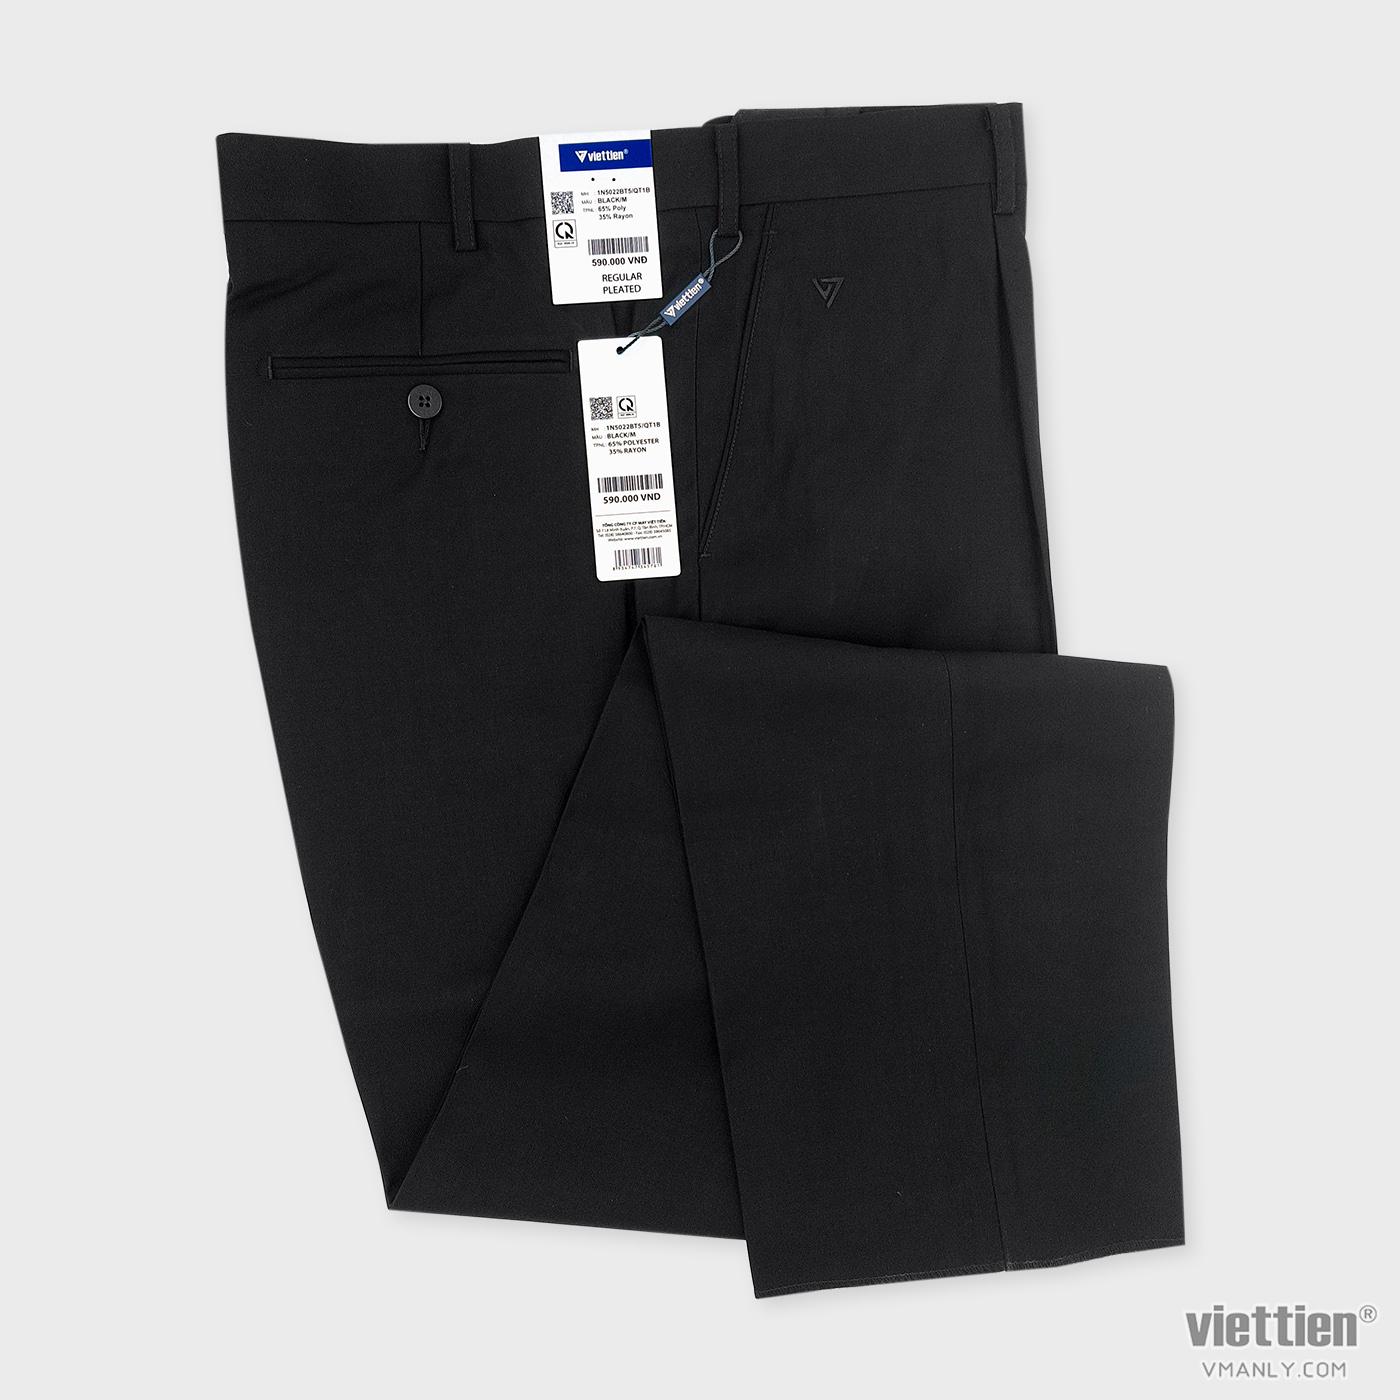 Quần tây Việt Tiến cỡ lớn có li regular màu đen 1N5022BT5/QT1B